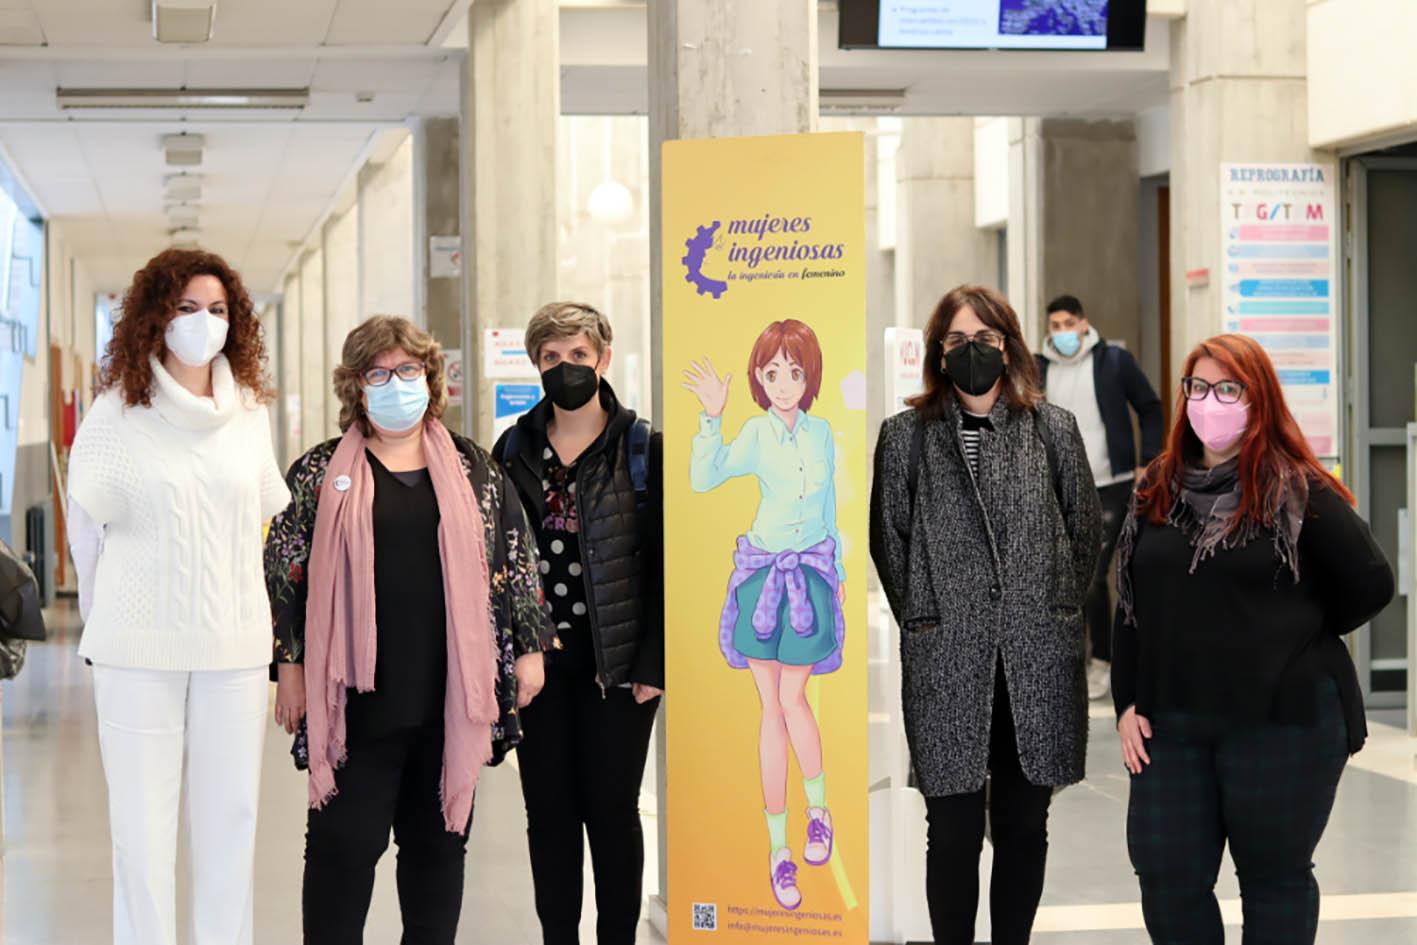 Inauguración de la exposición de Mujeres Ingeniosas en Albacete